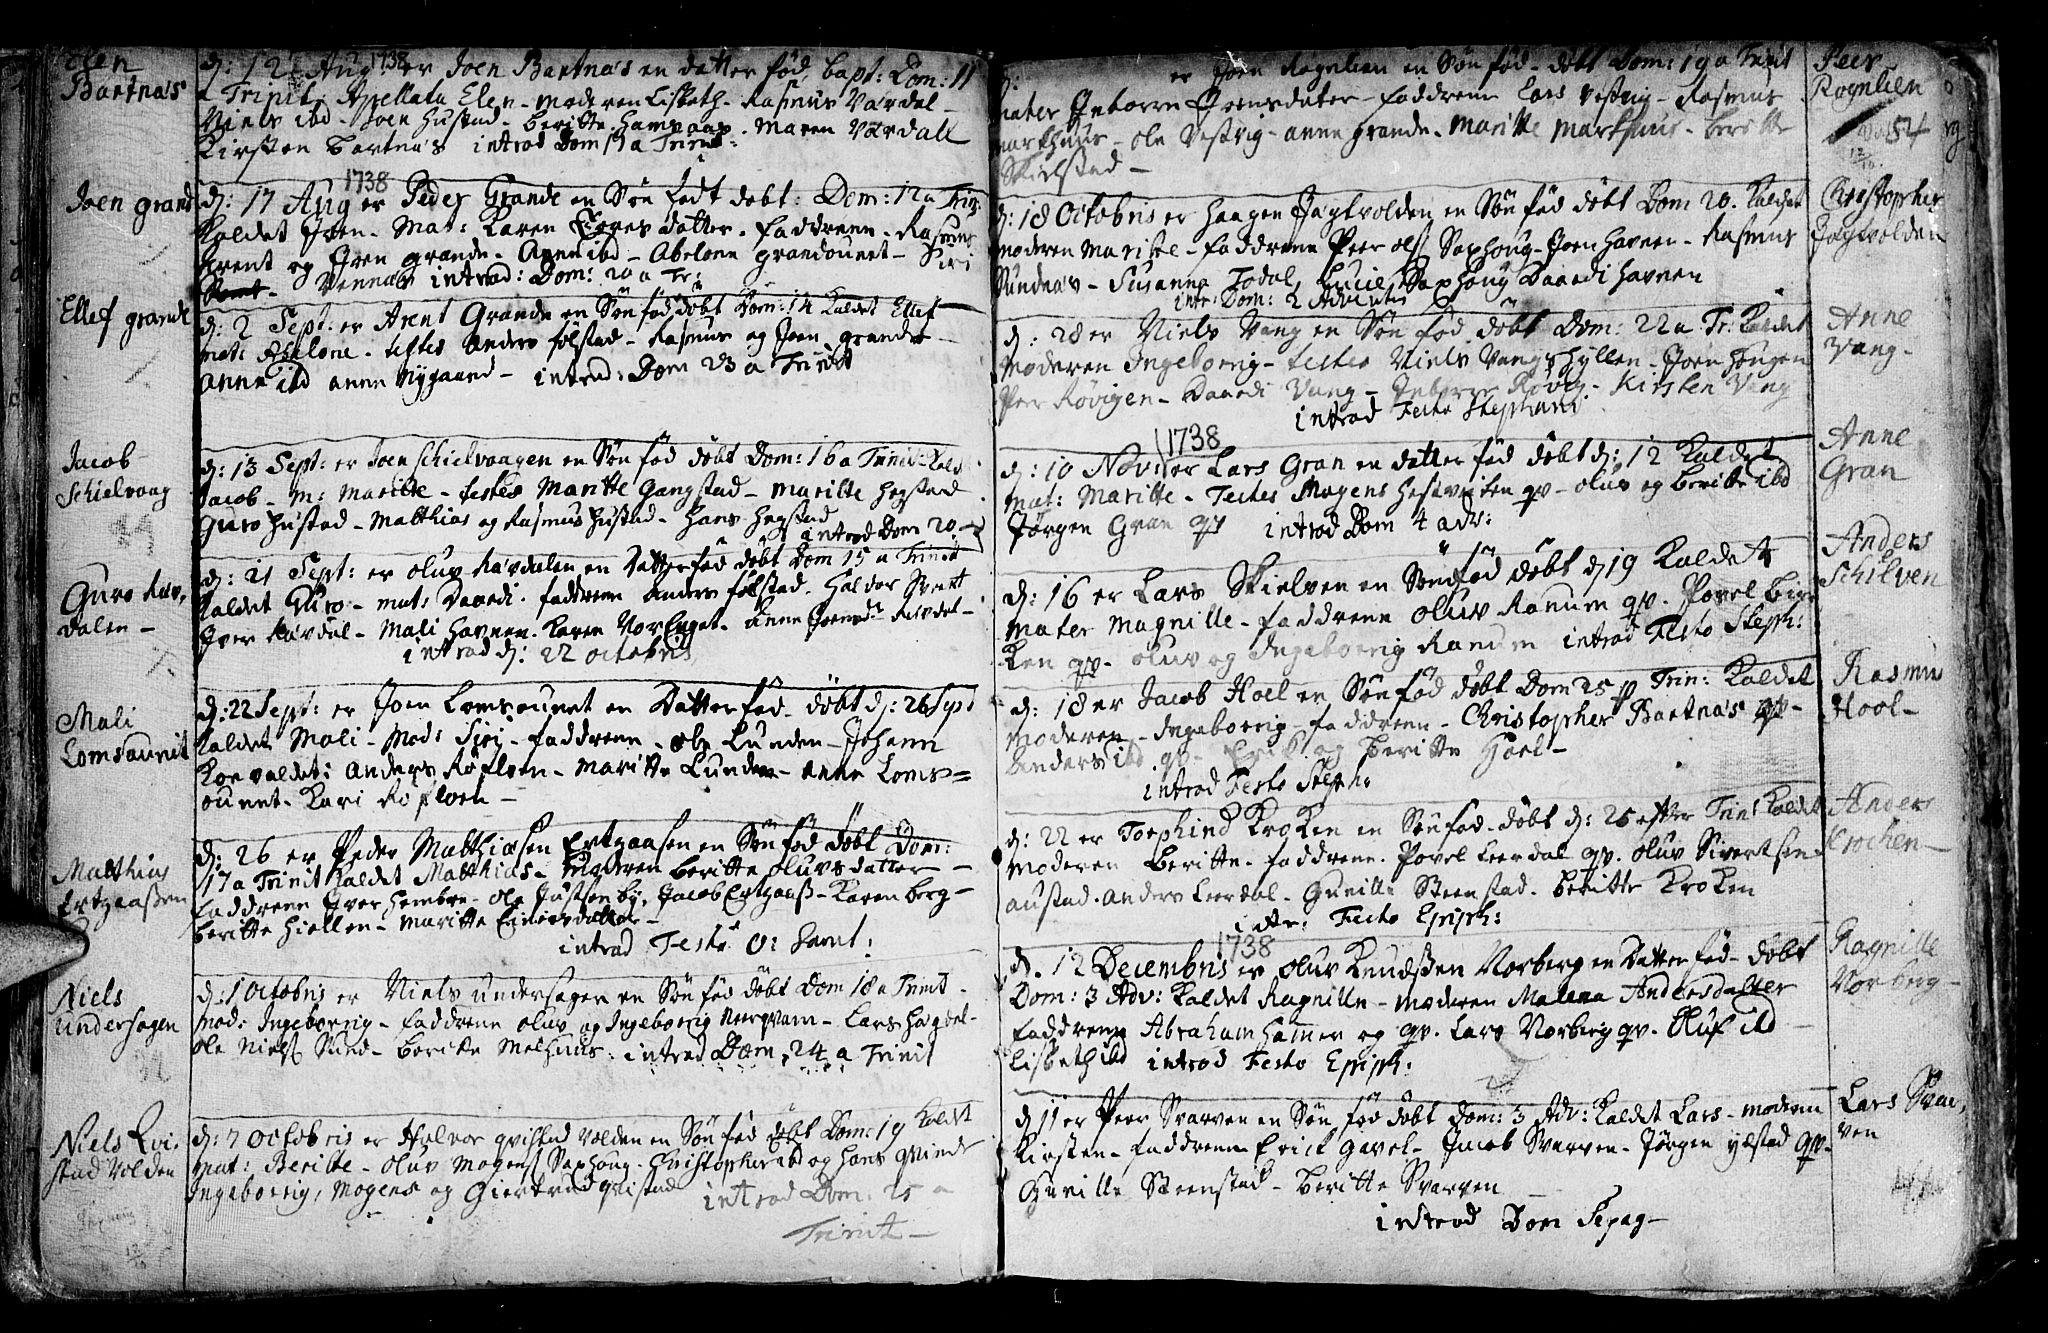 SAT, Ministerialprotokoller, klokkerbøker og fødselsregistre - Nord-Trøndelag, 730/L0272: Parish register (official) no. 730A01, 1733-1764, p. 54